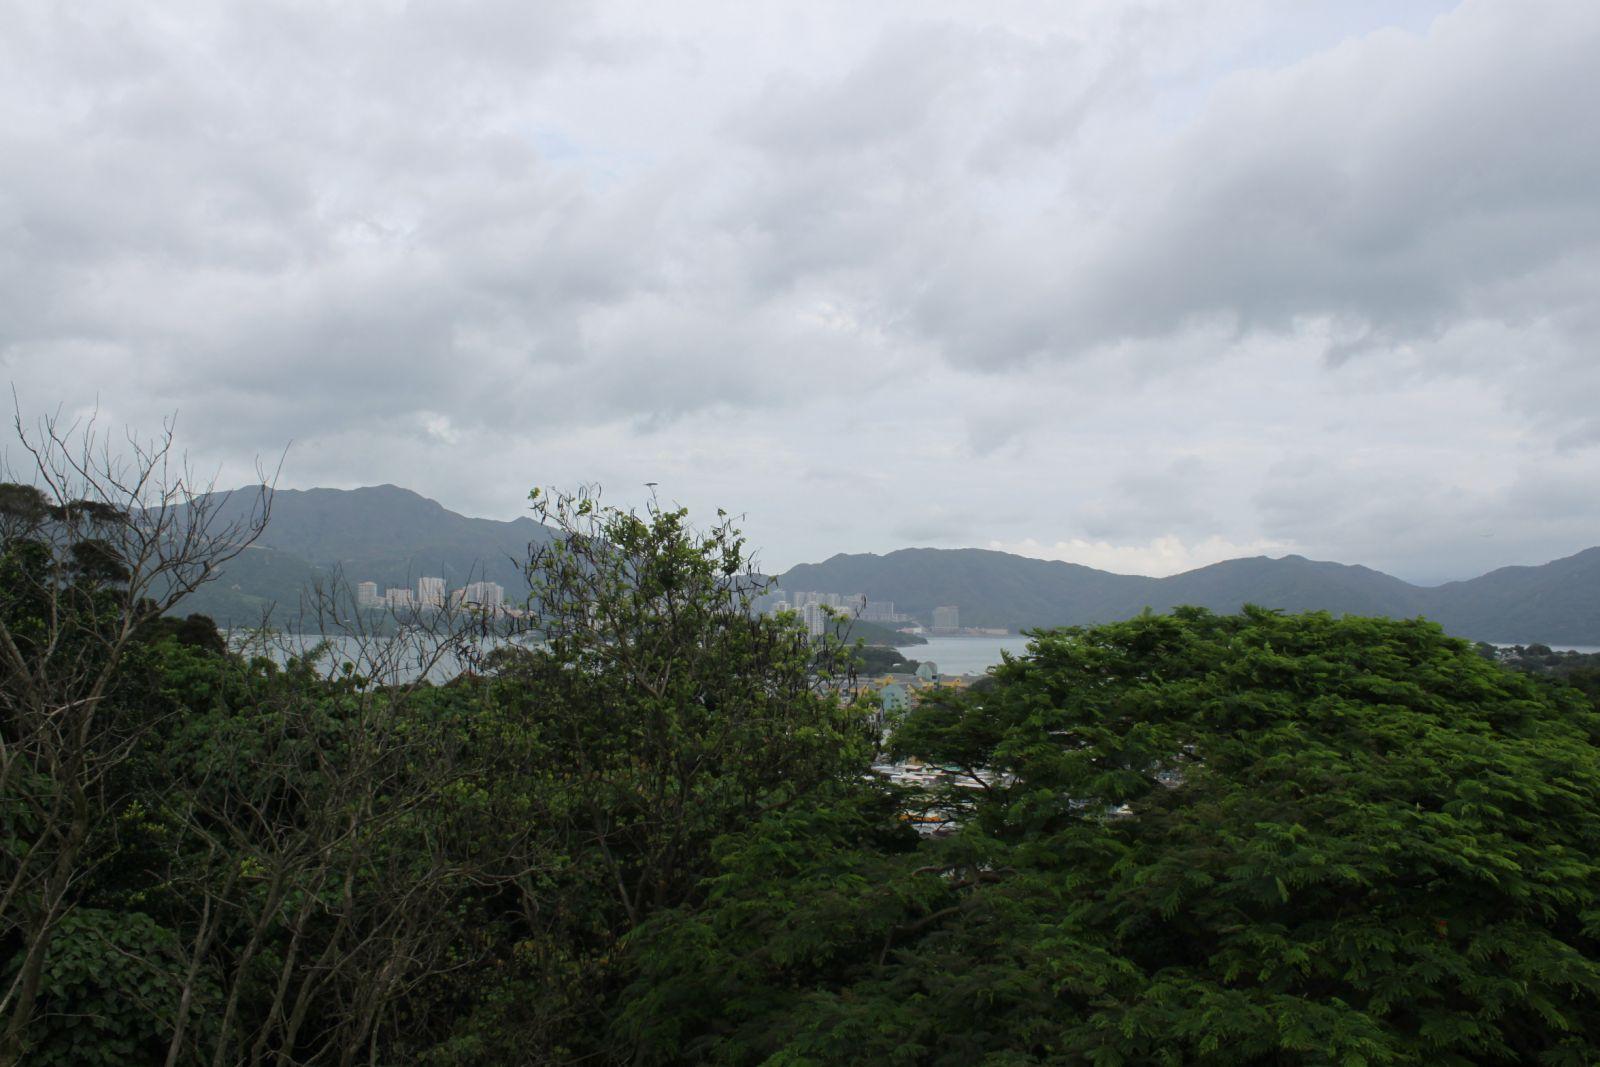 Остров Пенг Чау VR2/IV3TAN Направление на Европу коротким путем